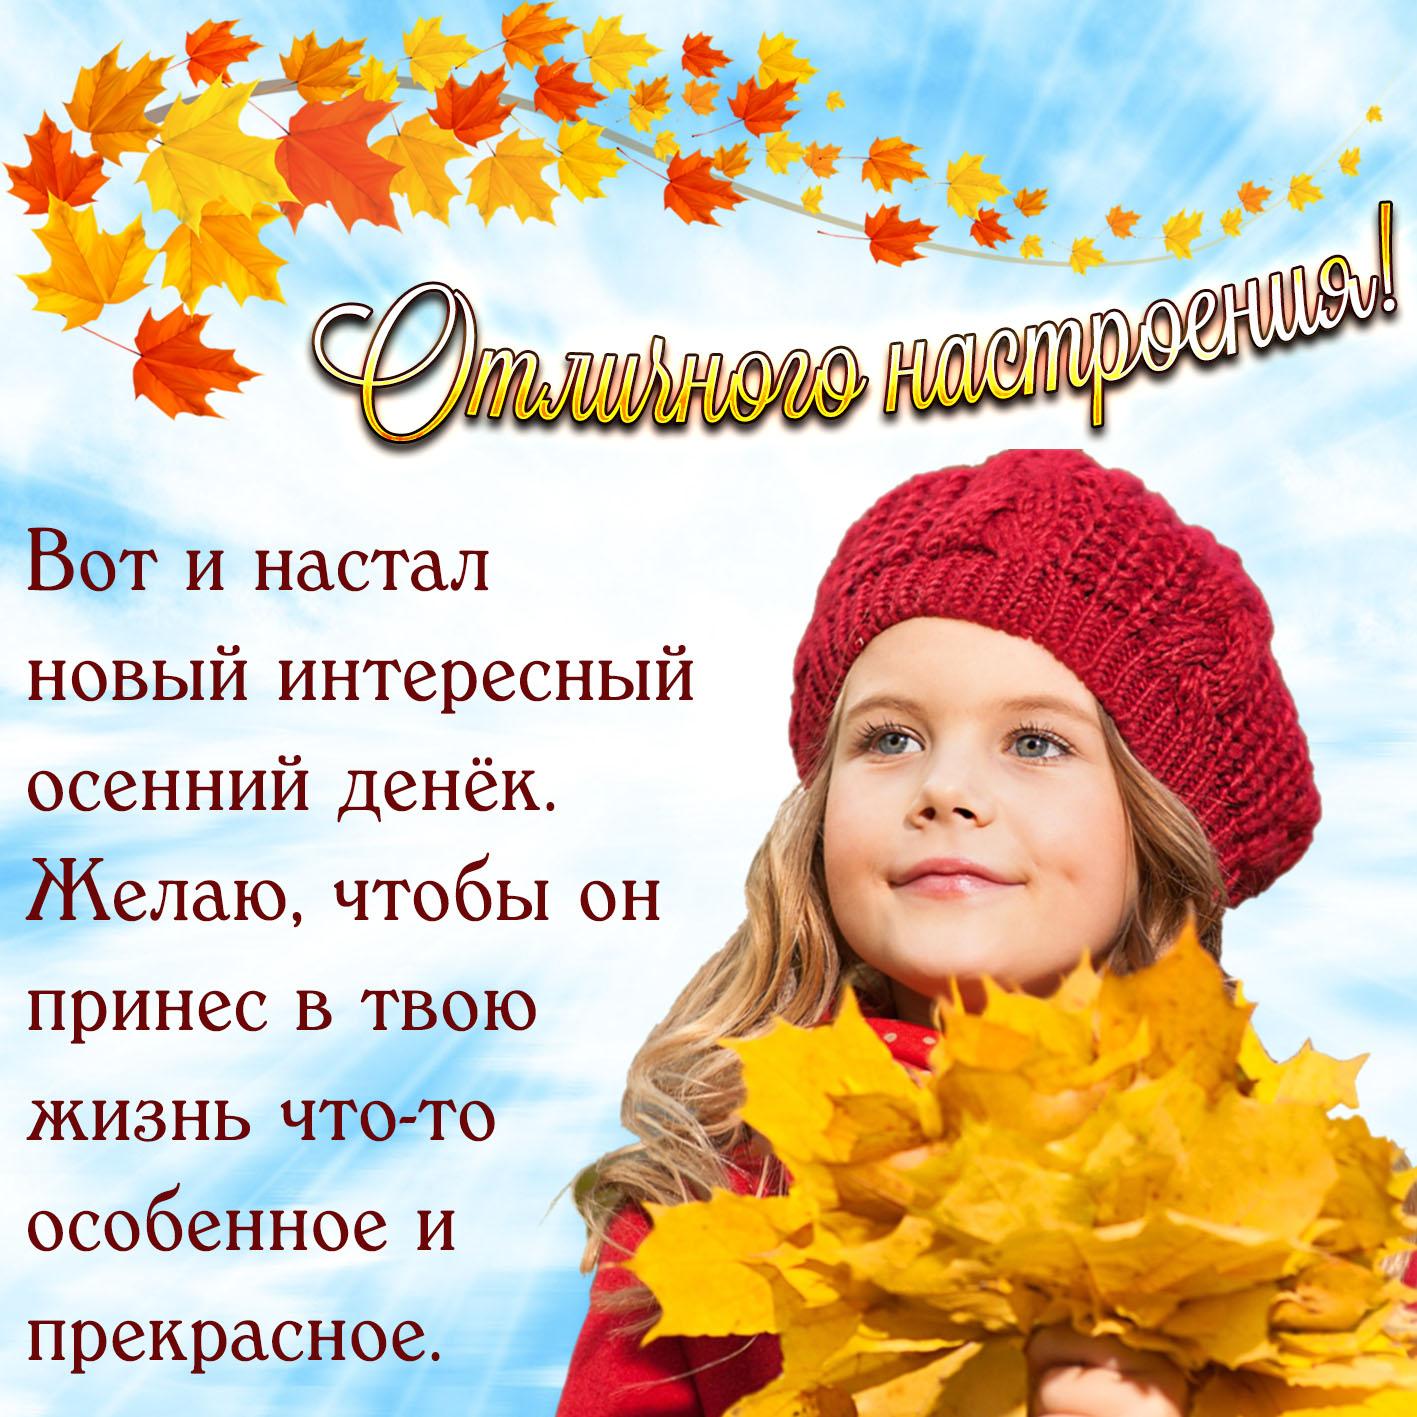 Открытка с пожеланием на осень - девочка с букетиком жёлтых листьев